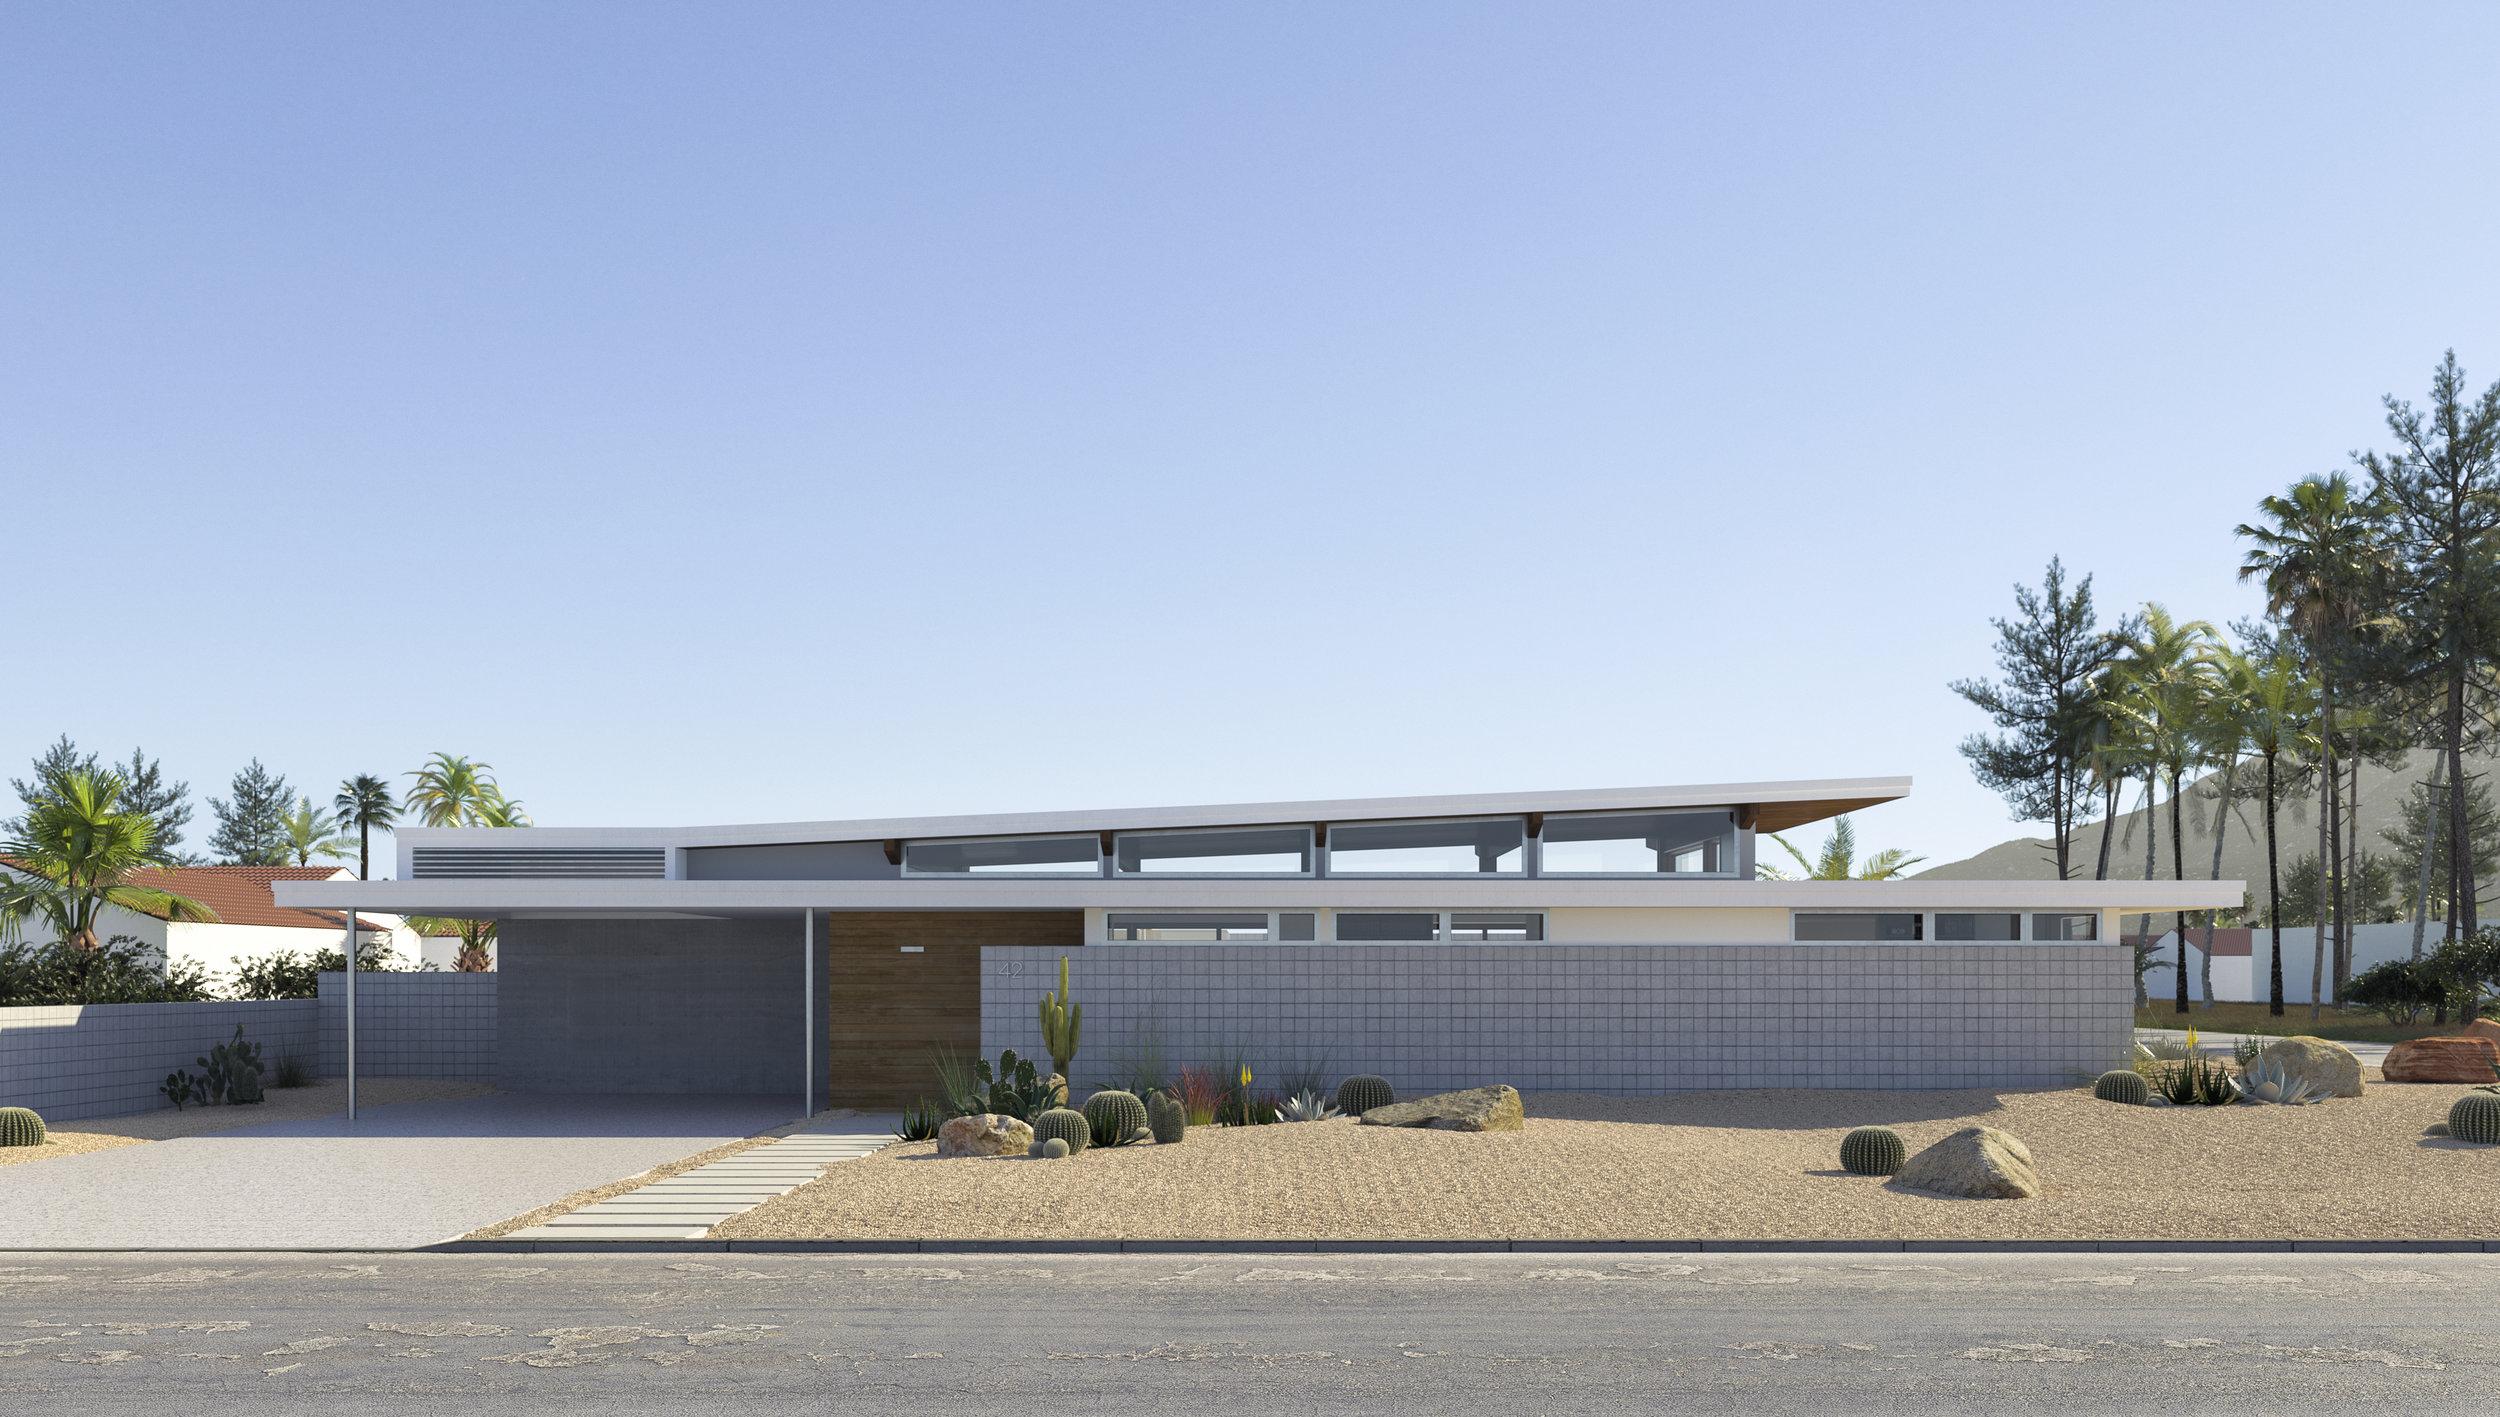 turkel_design_modern_prefab_home_axiom_desert_house_axiom2110_exterior_carousel.jpg